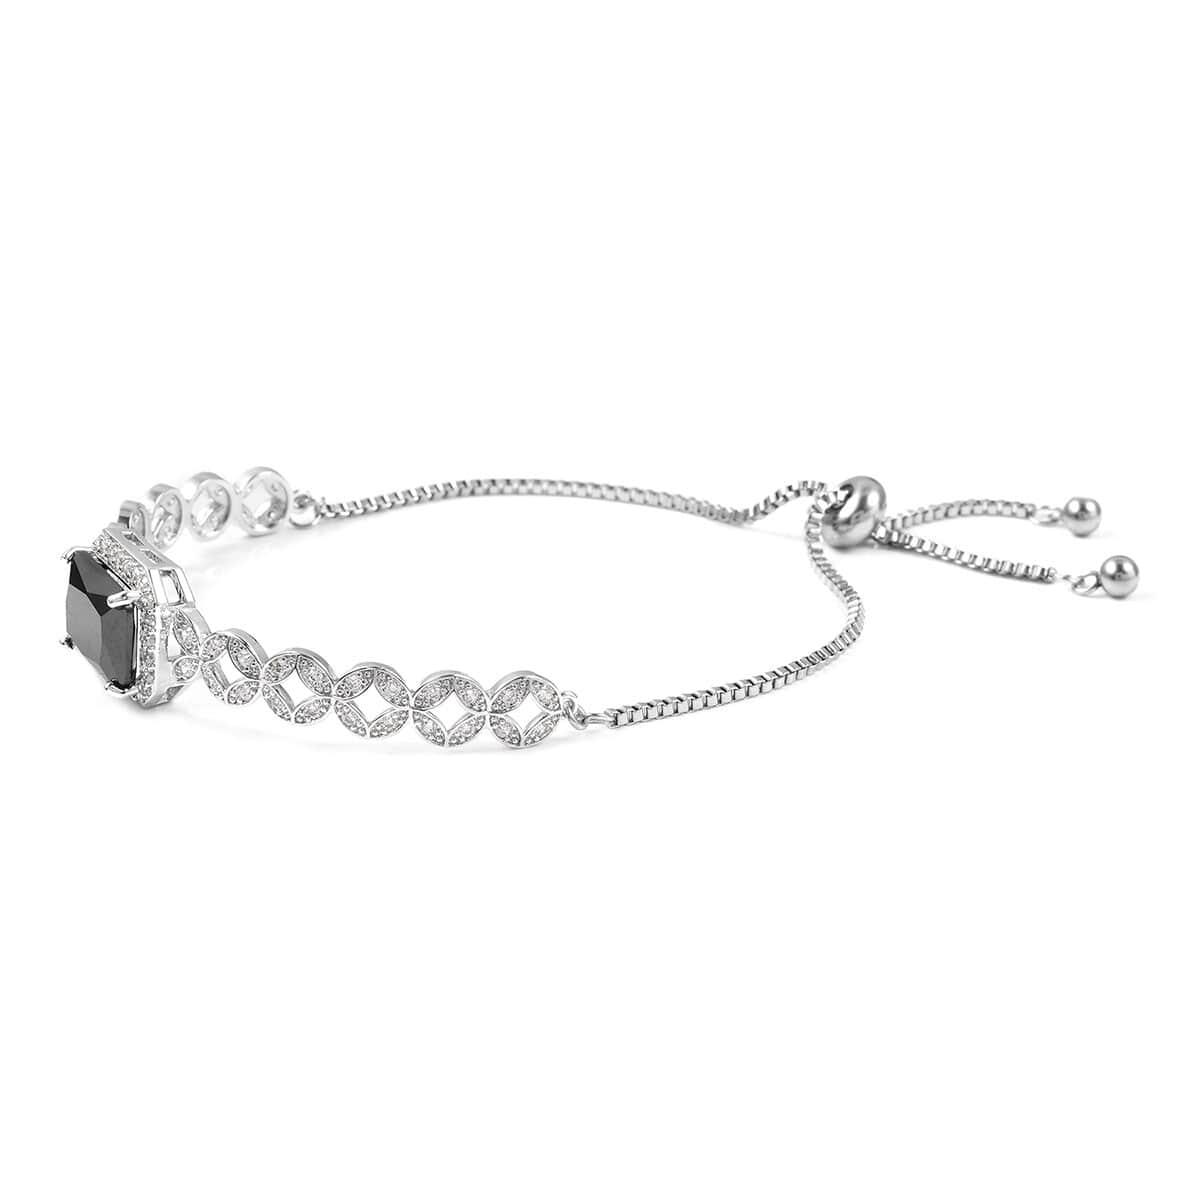 12-Color-Options-Cubic-Zirconia-Bracelet-Chain-Pendant-Necklace-Set-Adjustable thumbnail 12